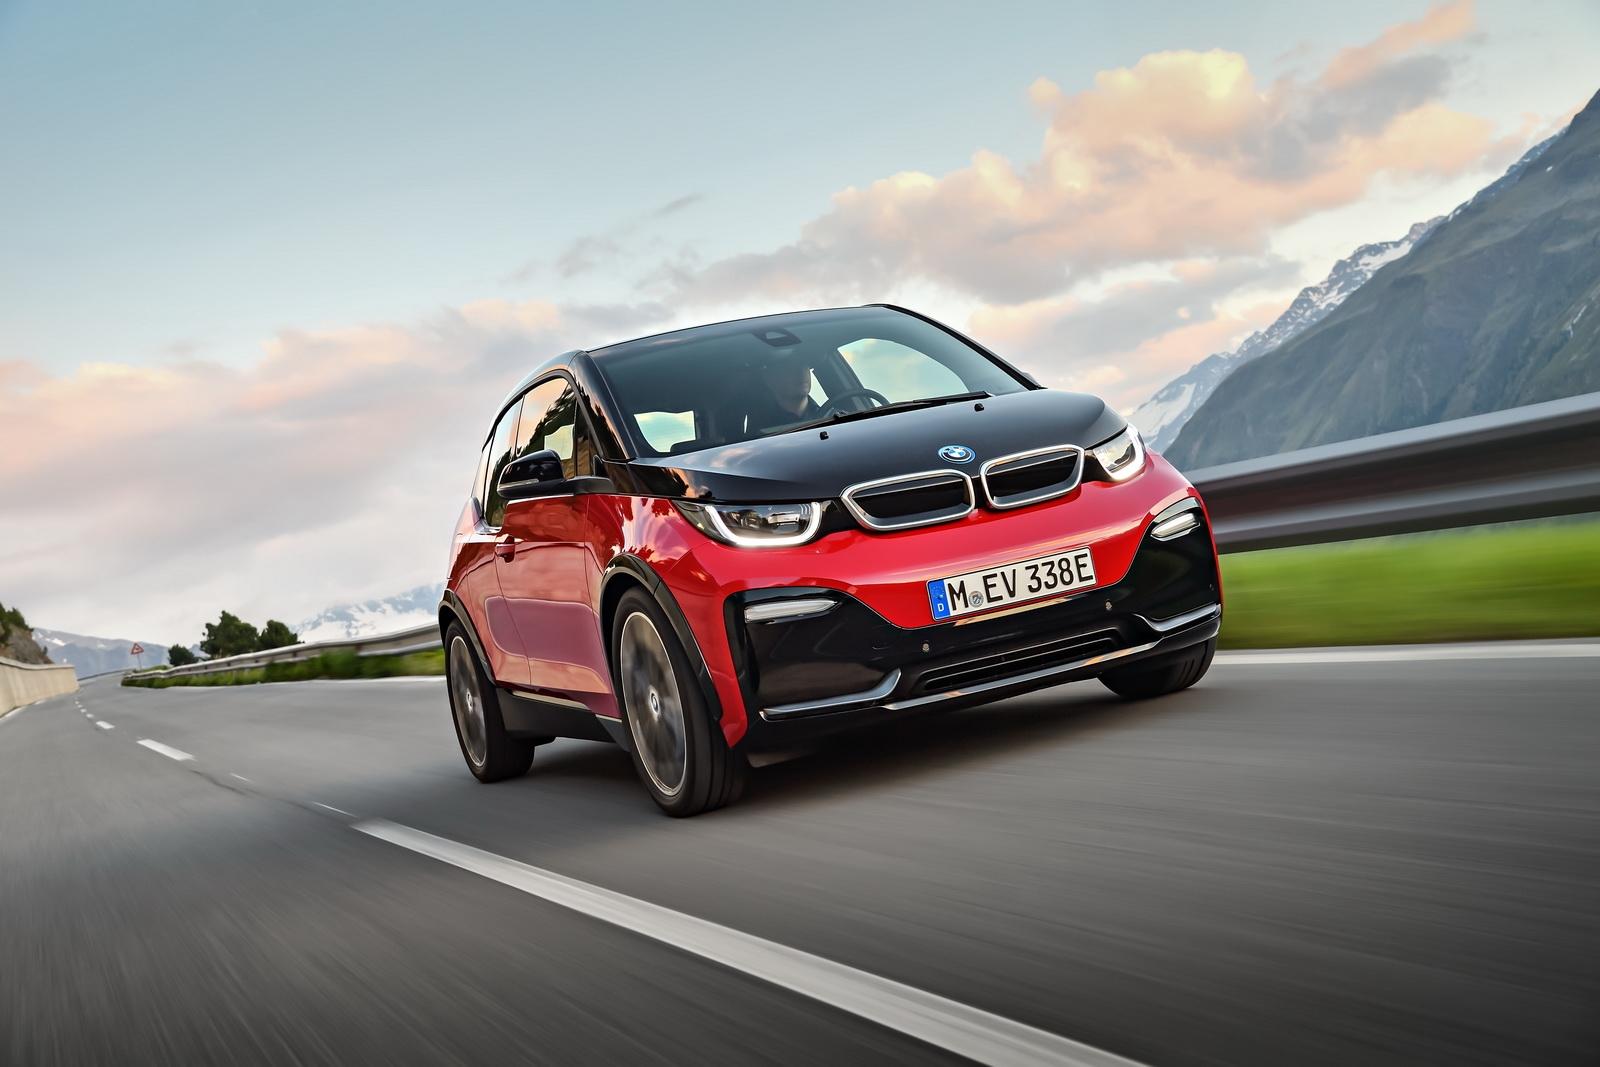 יבוא רכבי BMW - ב.מ.וו i3